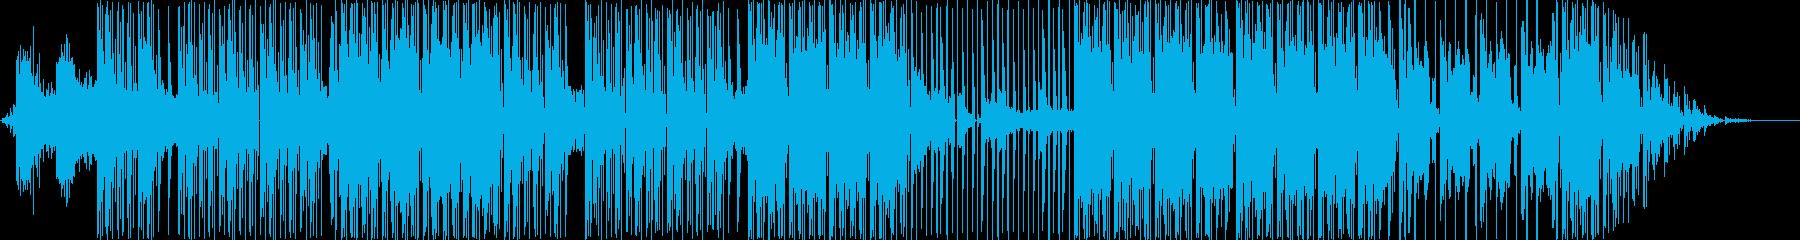 ヒップホップを感じさせるダンスハウ...の再生済みの波形